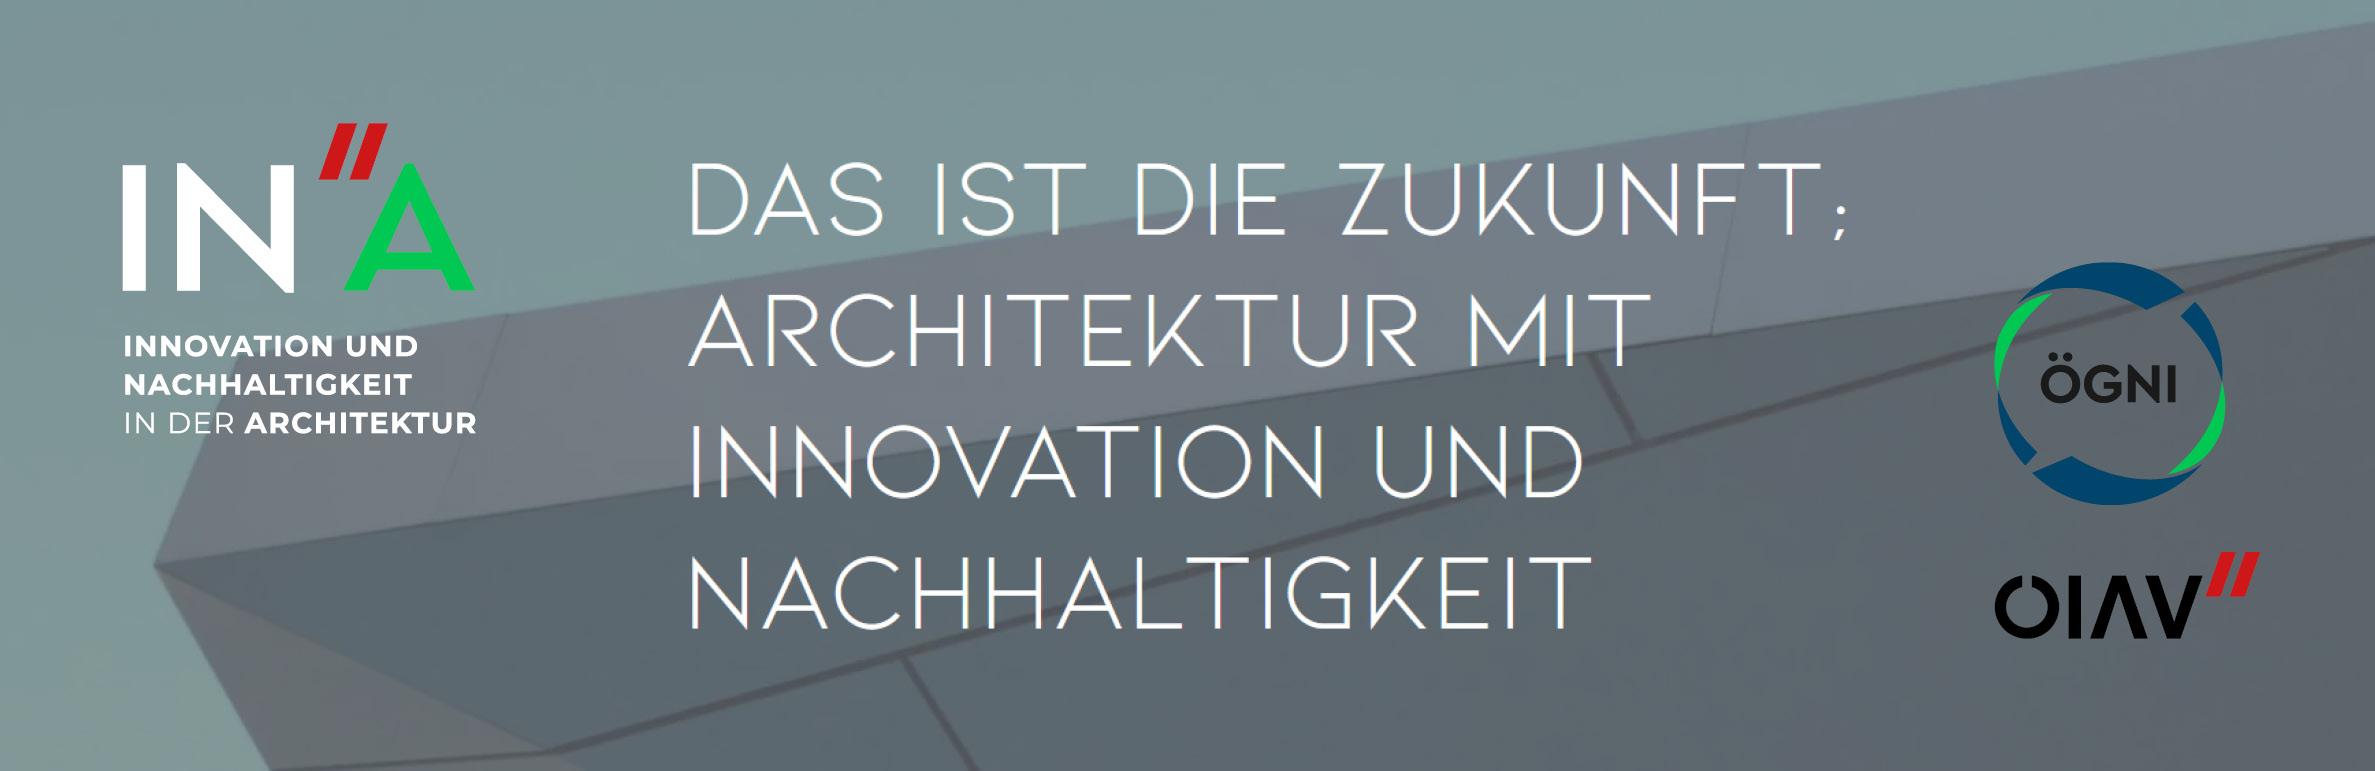 INA - Innovation und Nachhaltigkeit in der Architektur